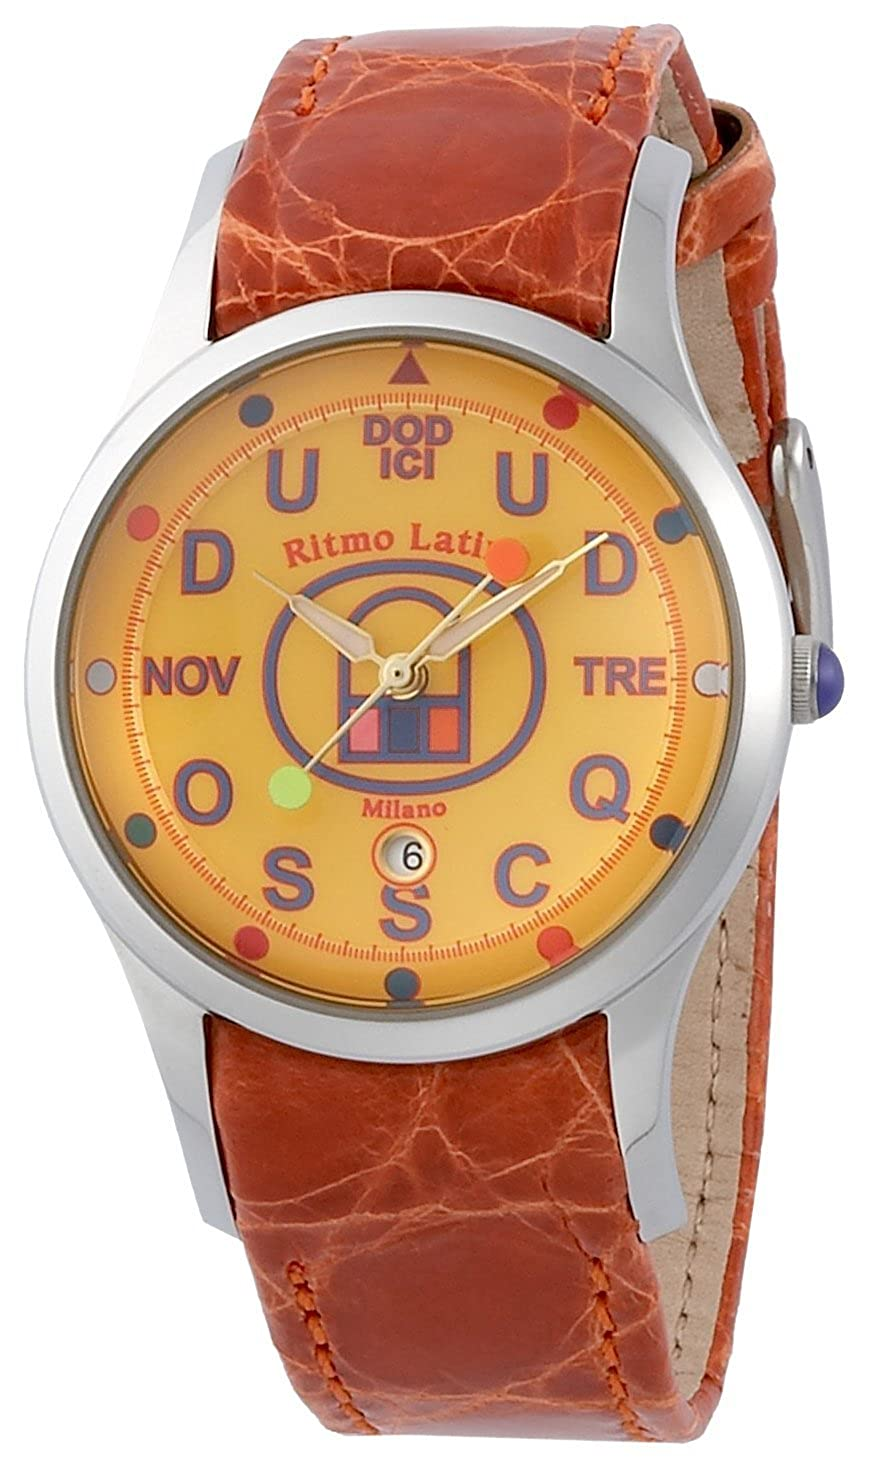 [リトモラティーノ]RITMO LATINO 腕時計 FINO F70DB レギュラーサイズ イエロー ワニ革ストラップ レディース [正規輸入品] B0026RHANK